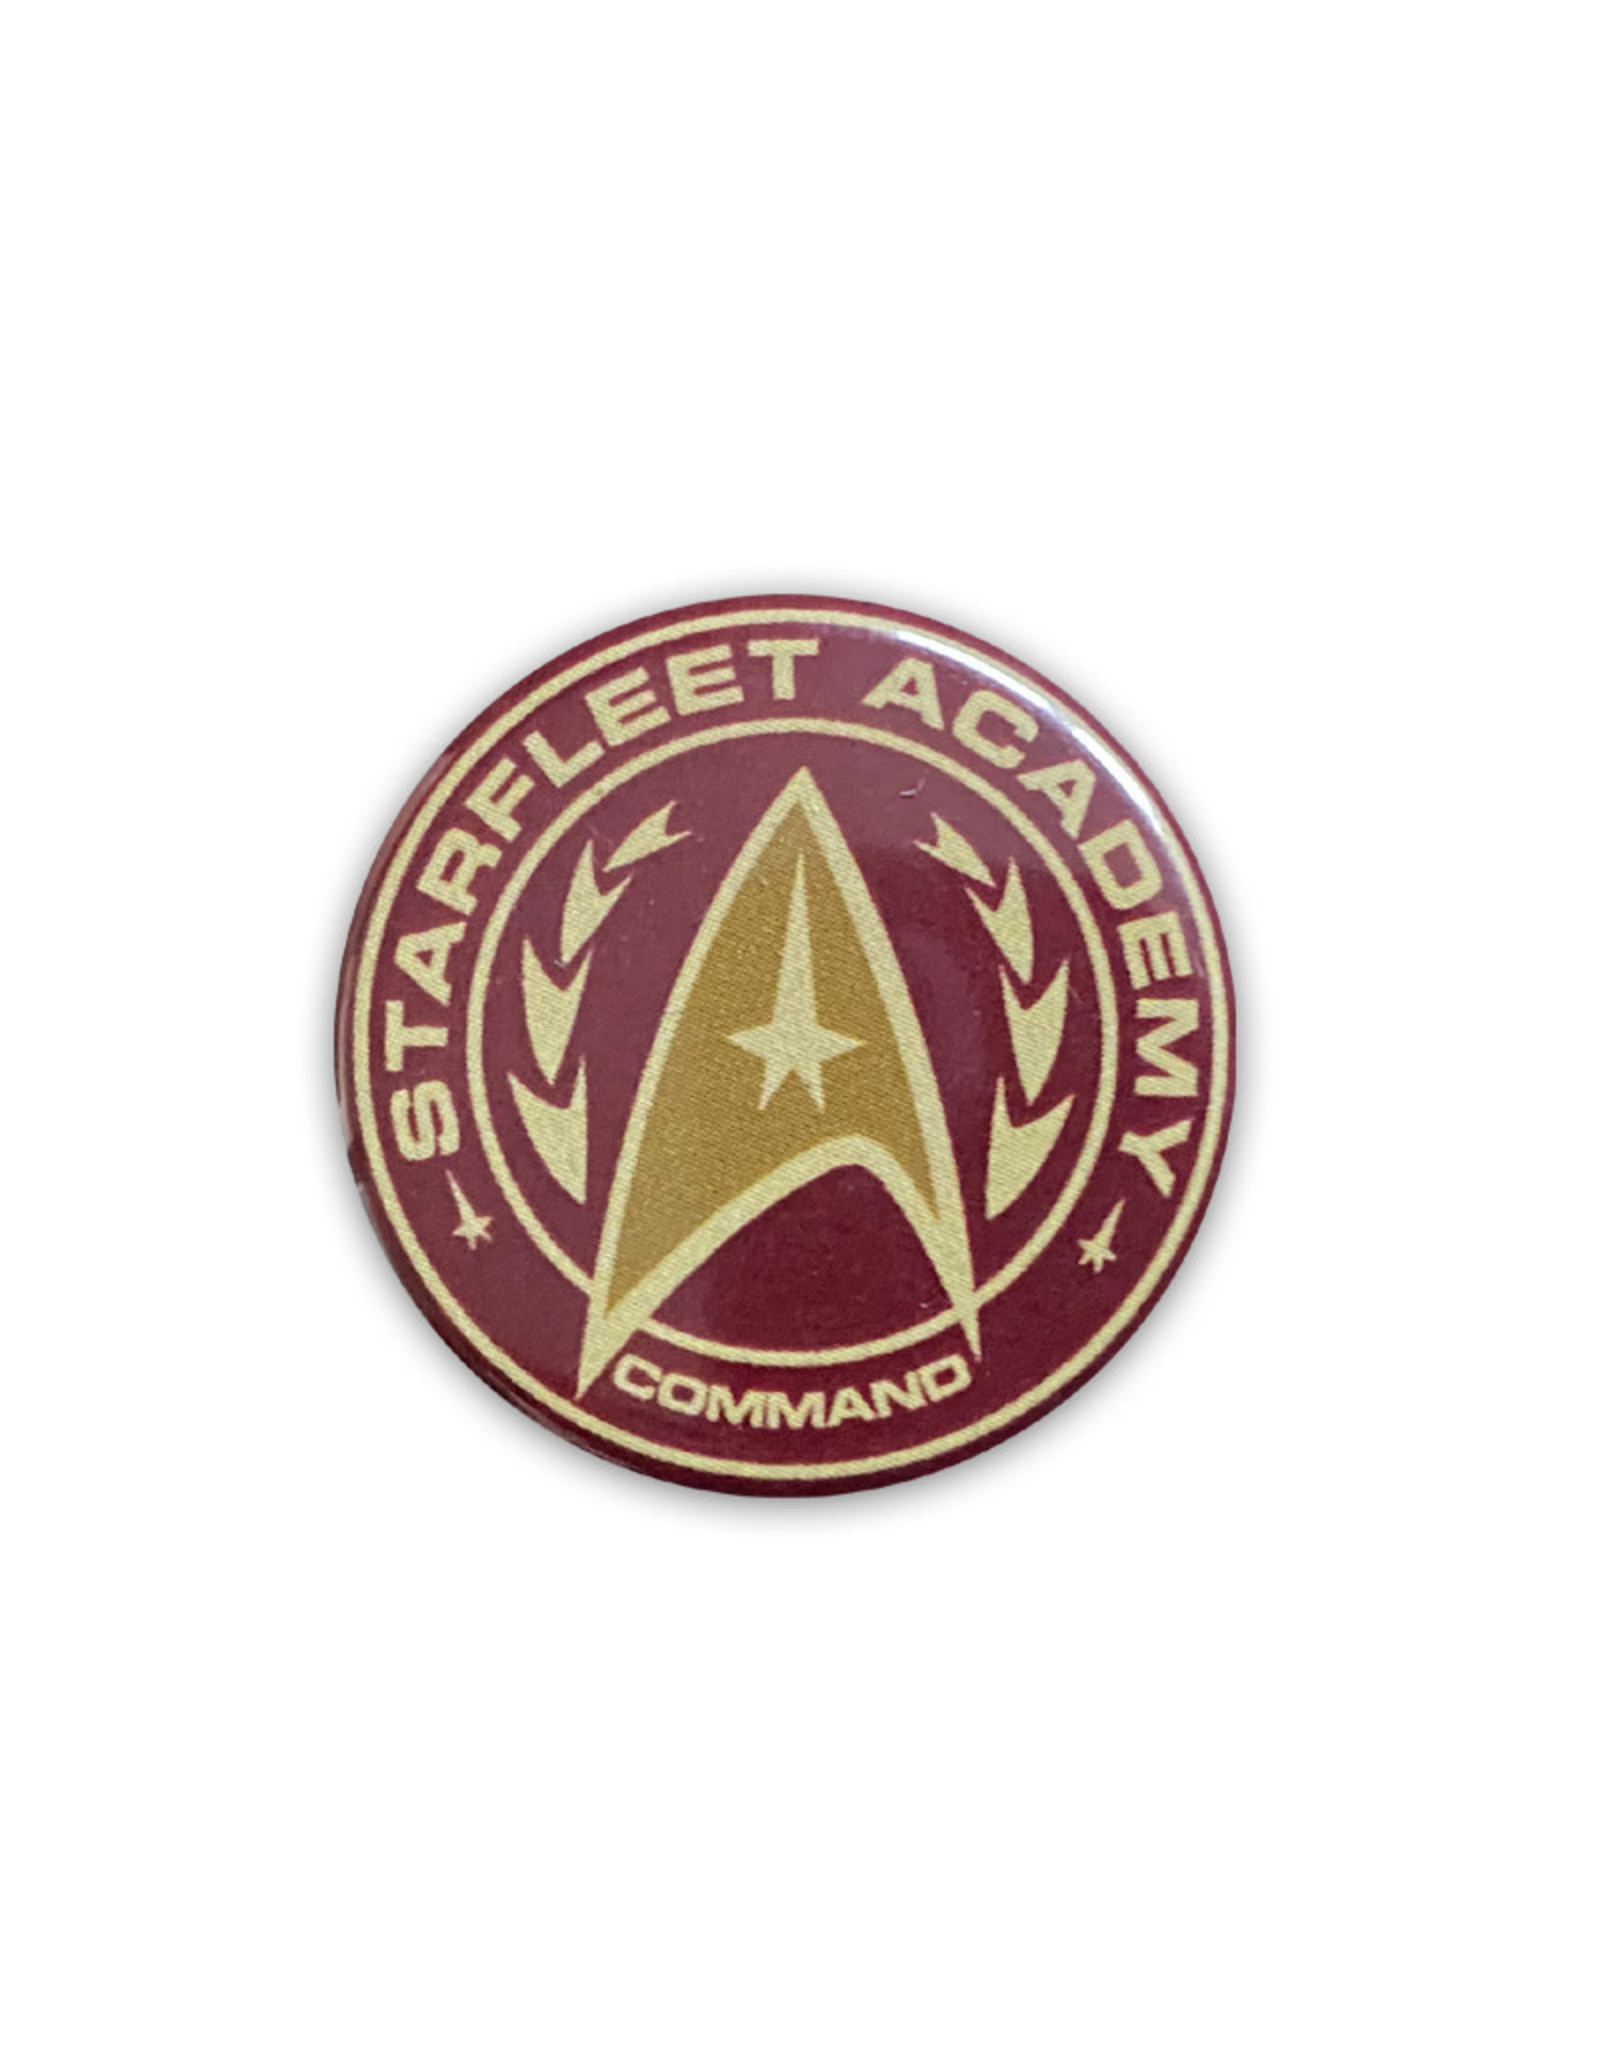 Star Trek ( Button )  Starfleet Academy Command